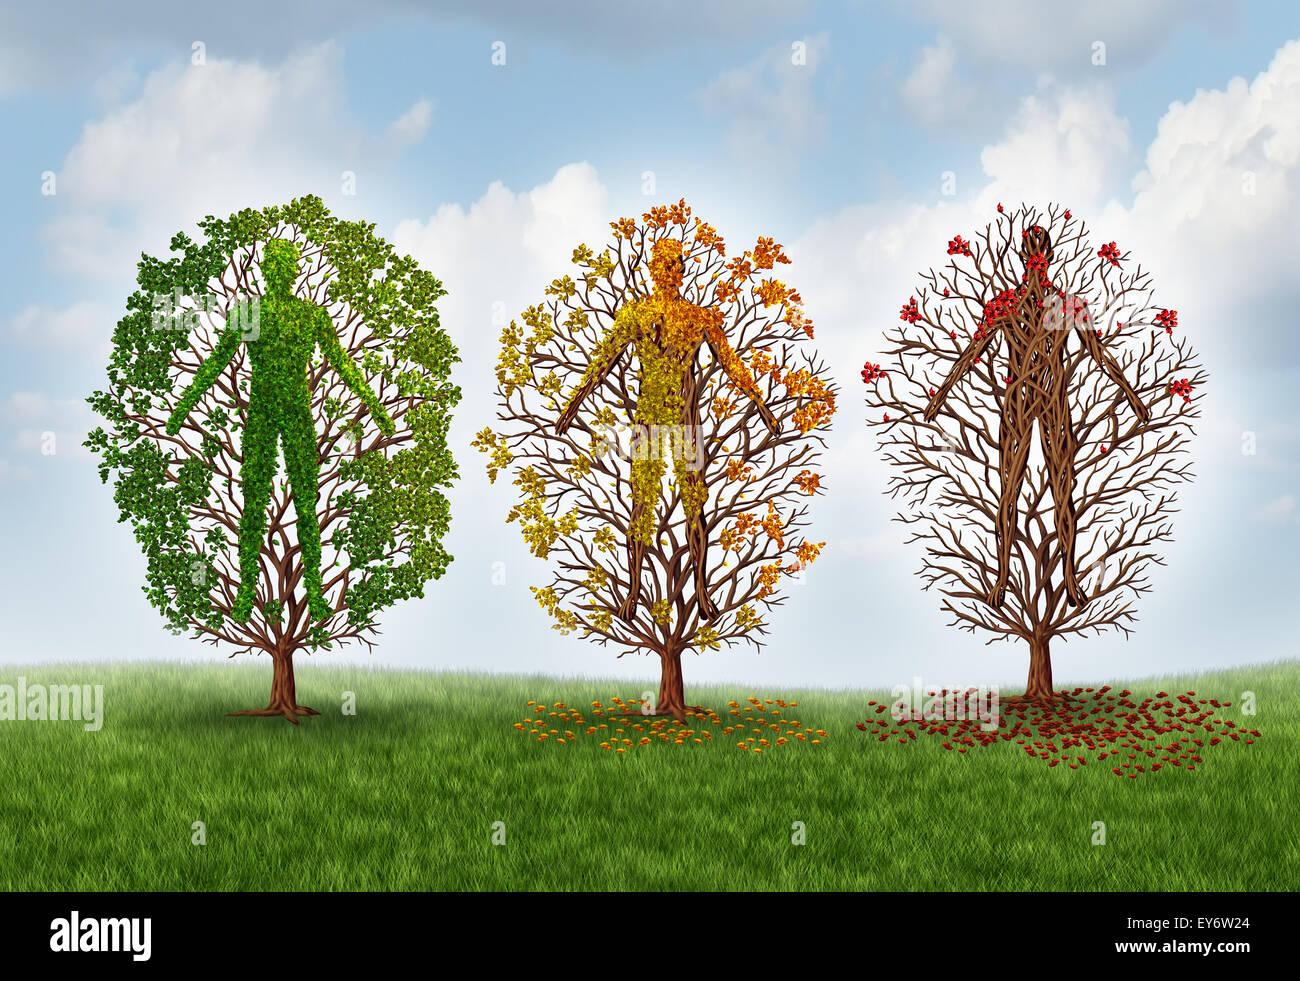 Concepto de envejecimiento humano y deterioro de la salud debido a la enfermedad en el cuerpo como un saludable Imagen De Stock